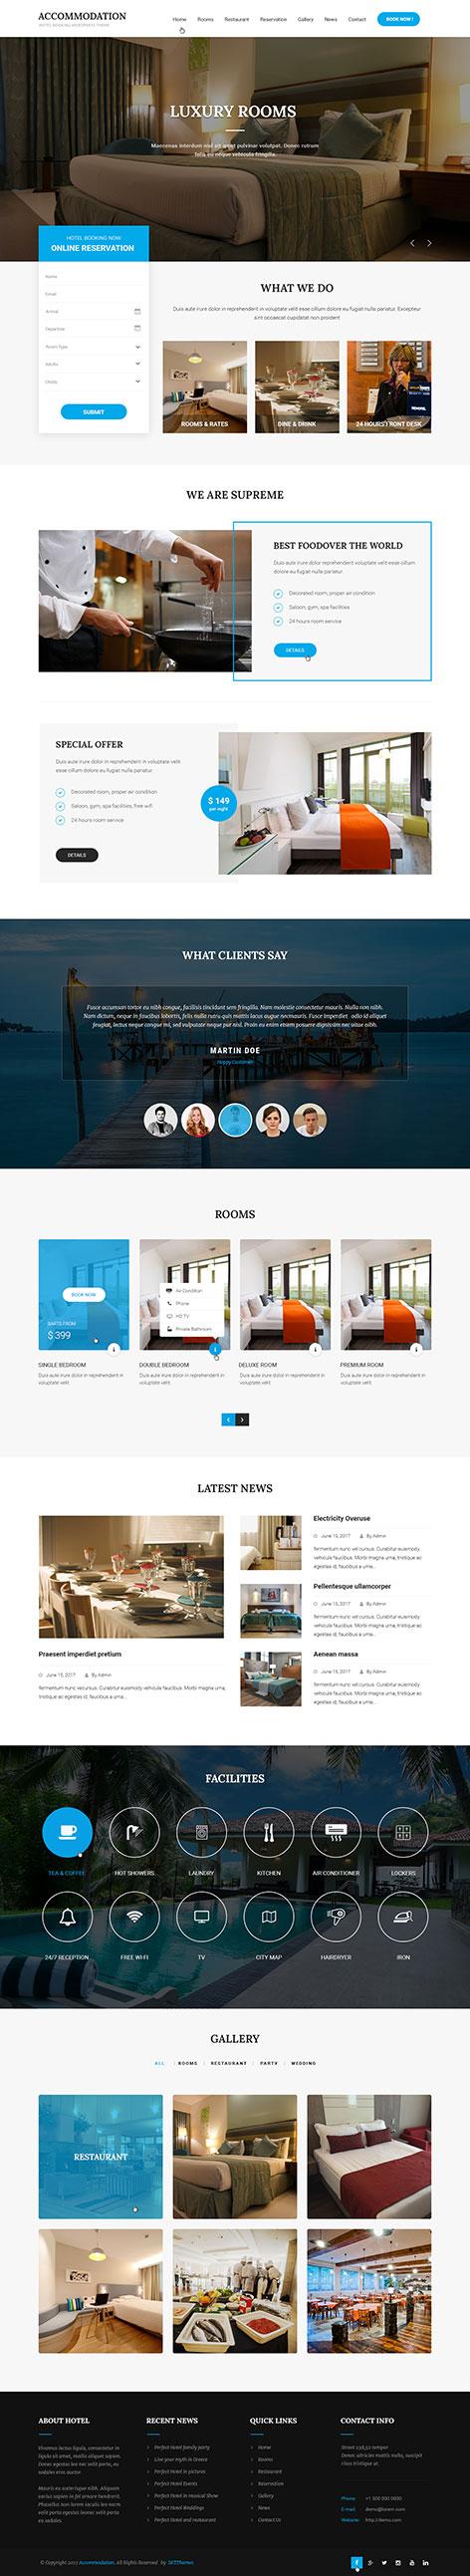 accommodation wordpress theme1 - Accommodation